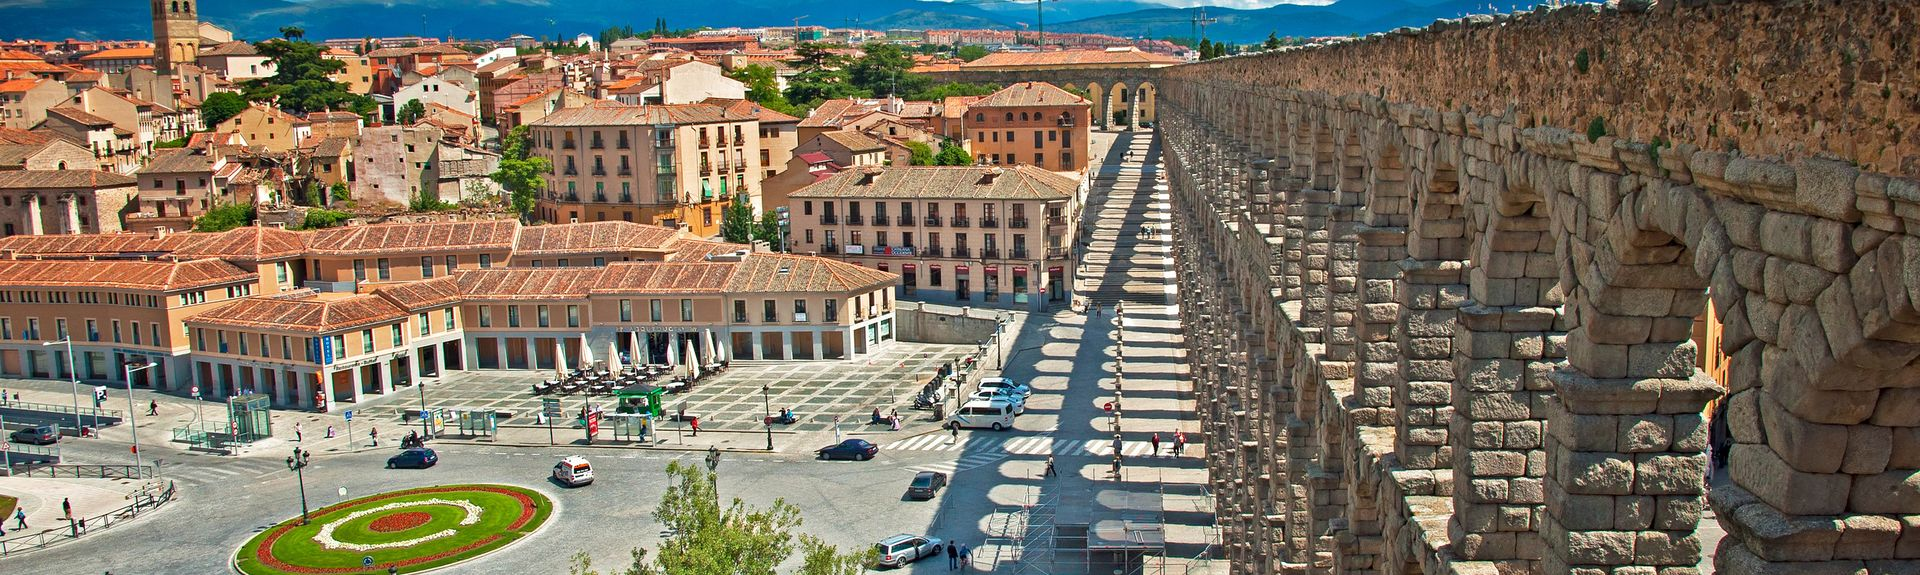 Espino de la Orbada, Salamanca, Spain